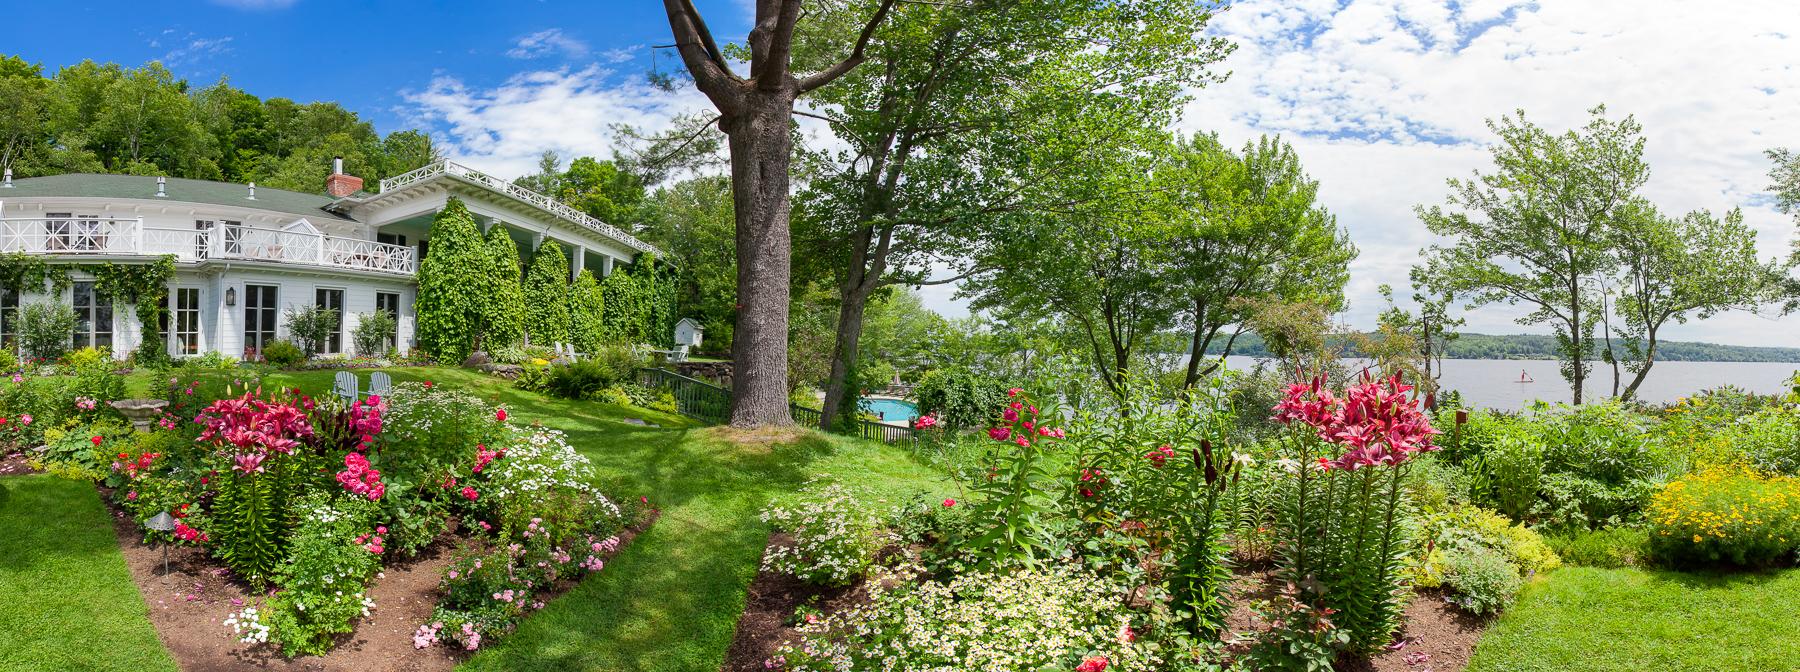 Los jardines incluyen plantas perennes, anuales, hierbas y productos del jardín comestible (Manoir Hovey)